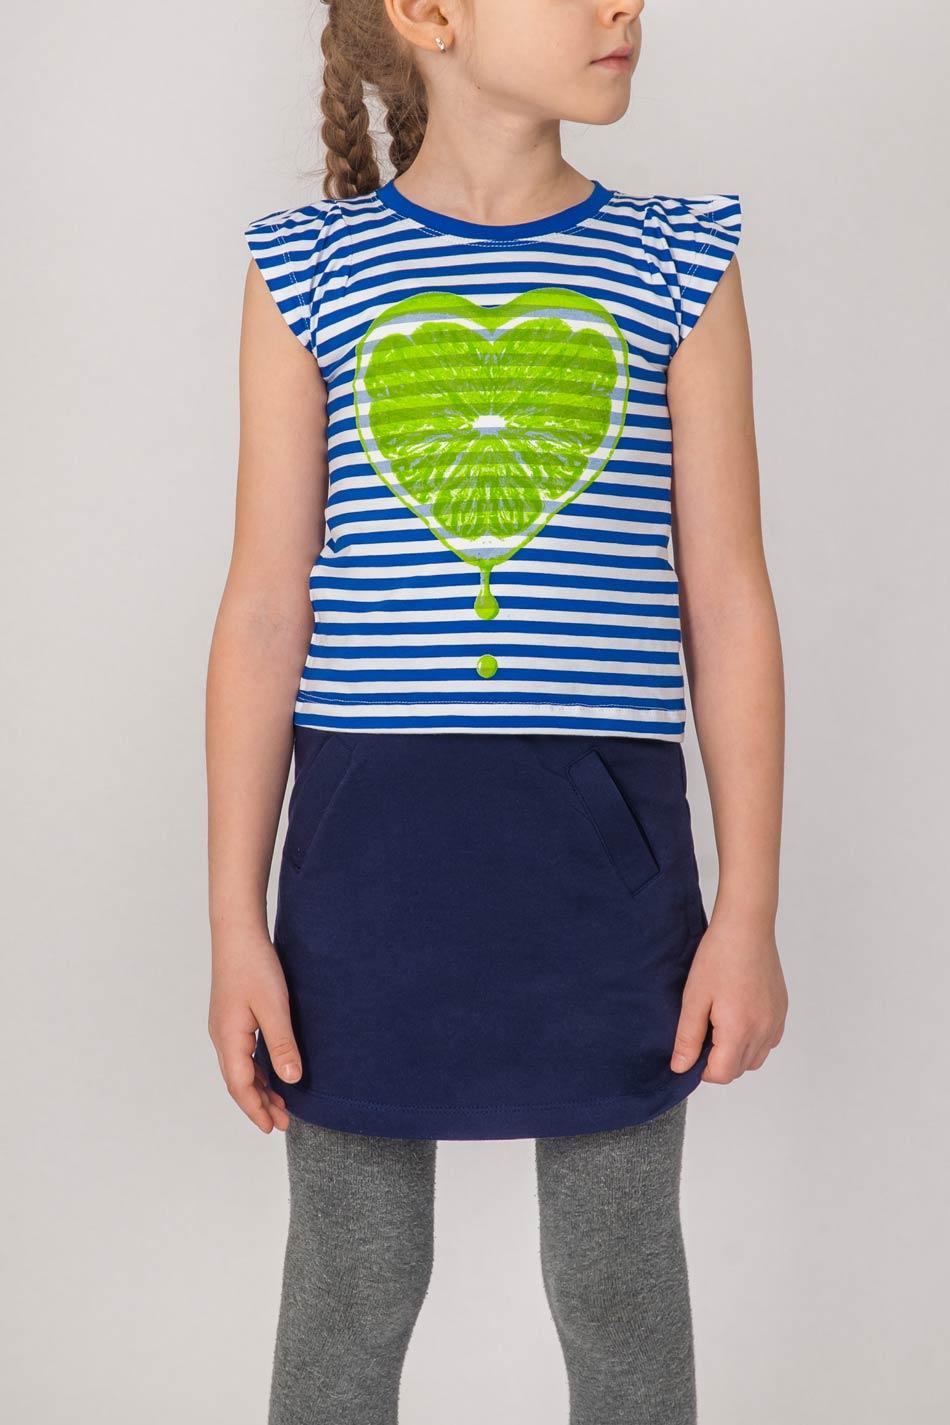 Юбка для девочки Памела с карманамиКоллекция ВЕСНА-ЛЕТО<br><br><br>Размер: 116